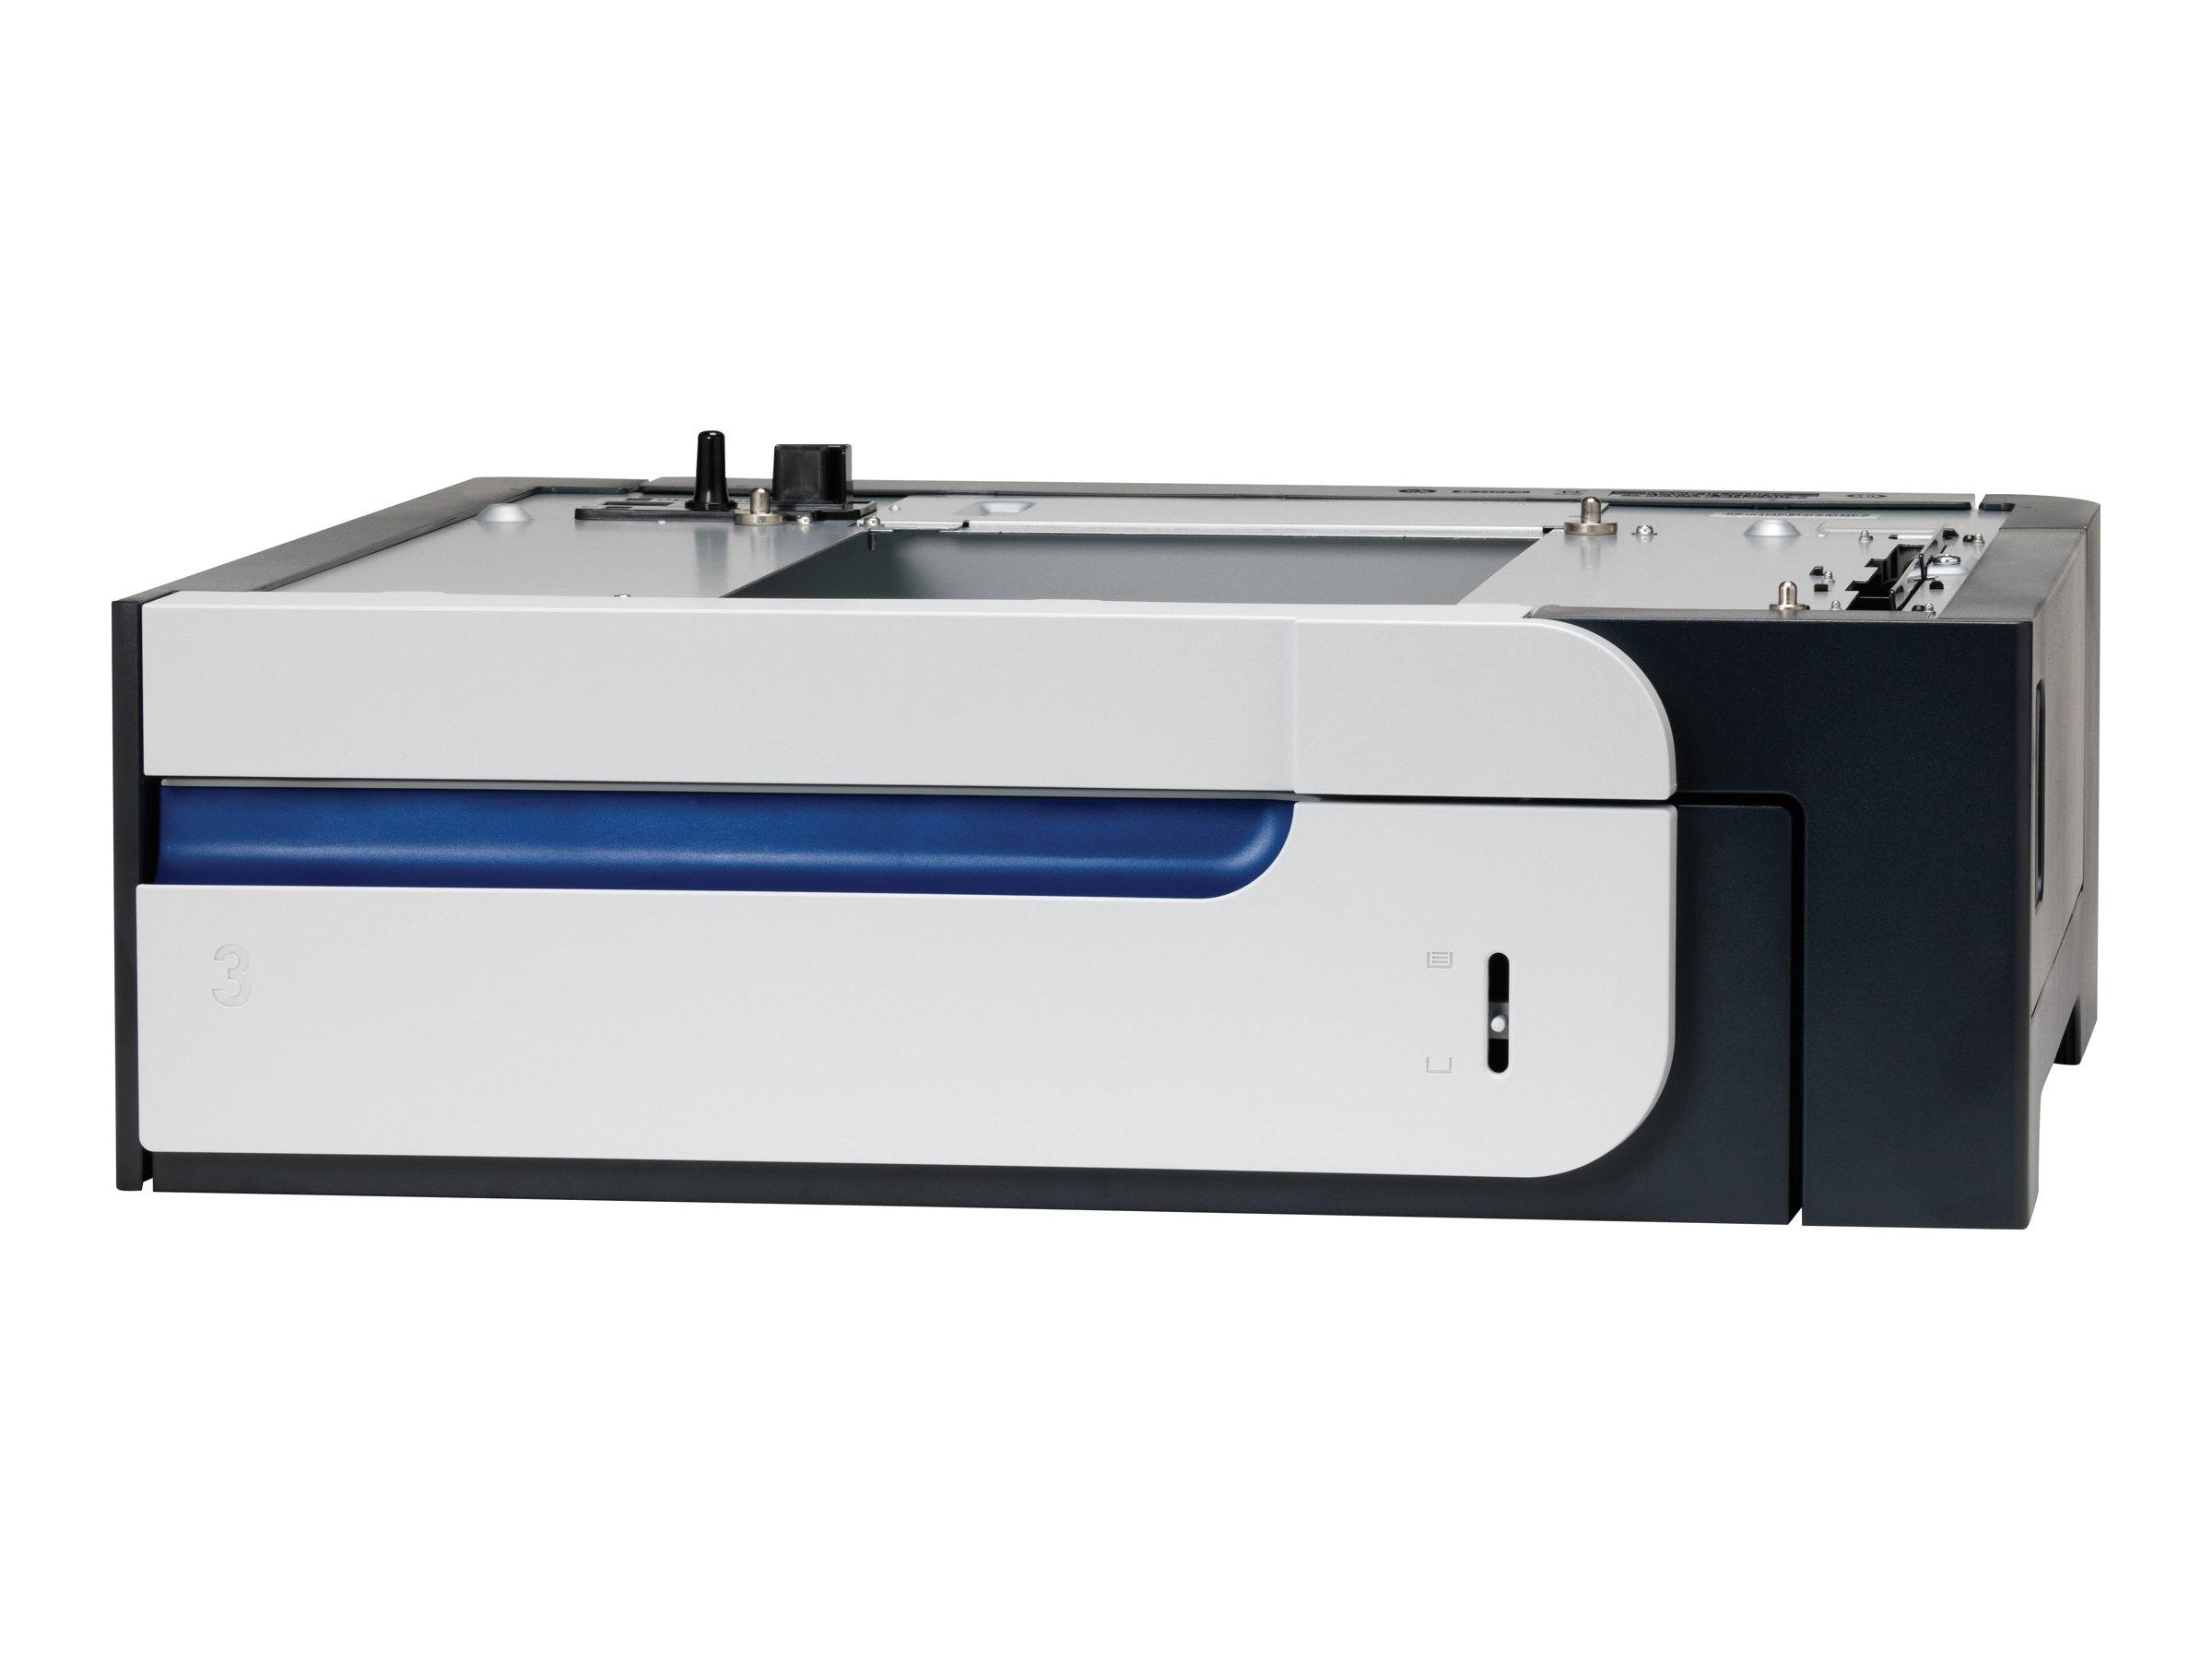 HP Papierzuführung 500 Blatt CF084A Color LaserJet